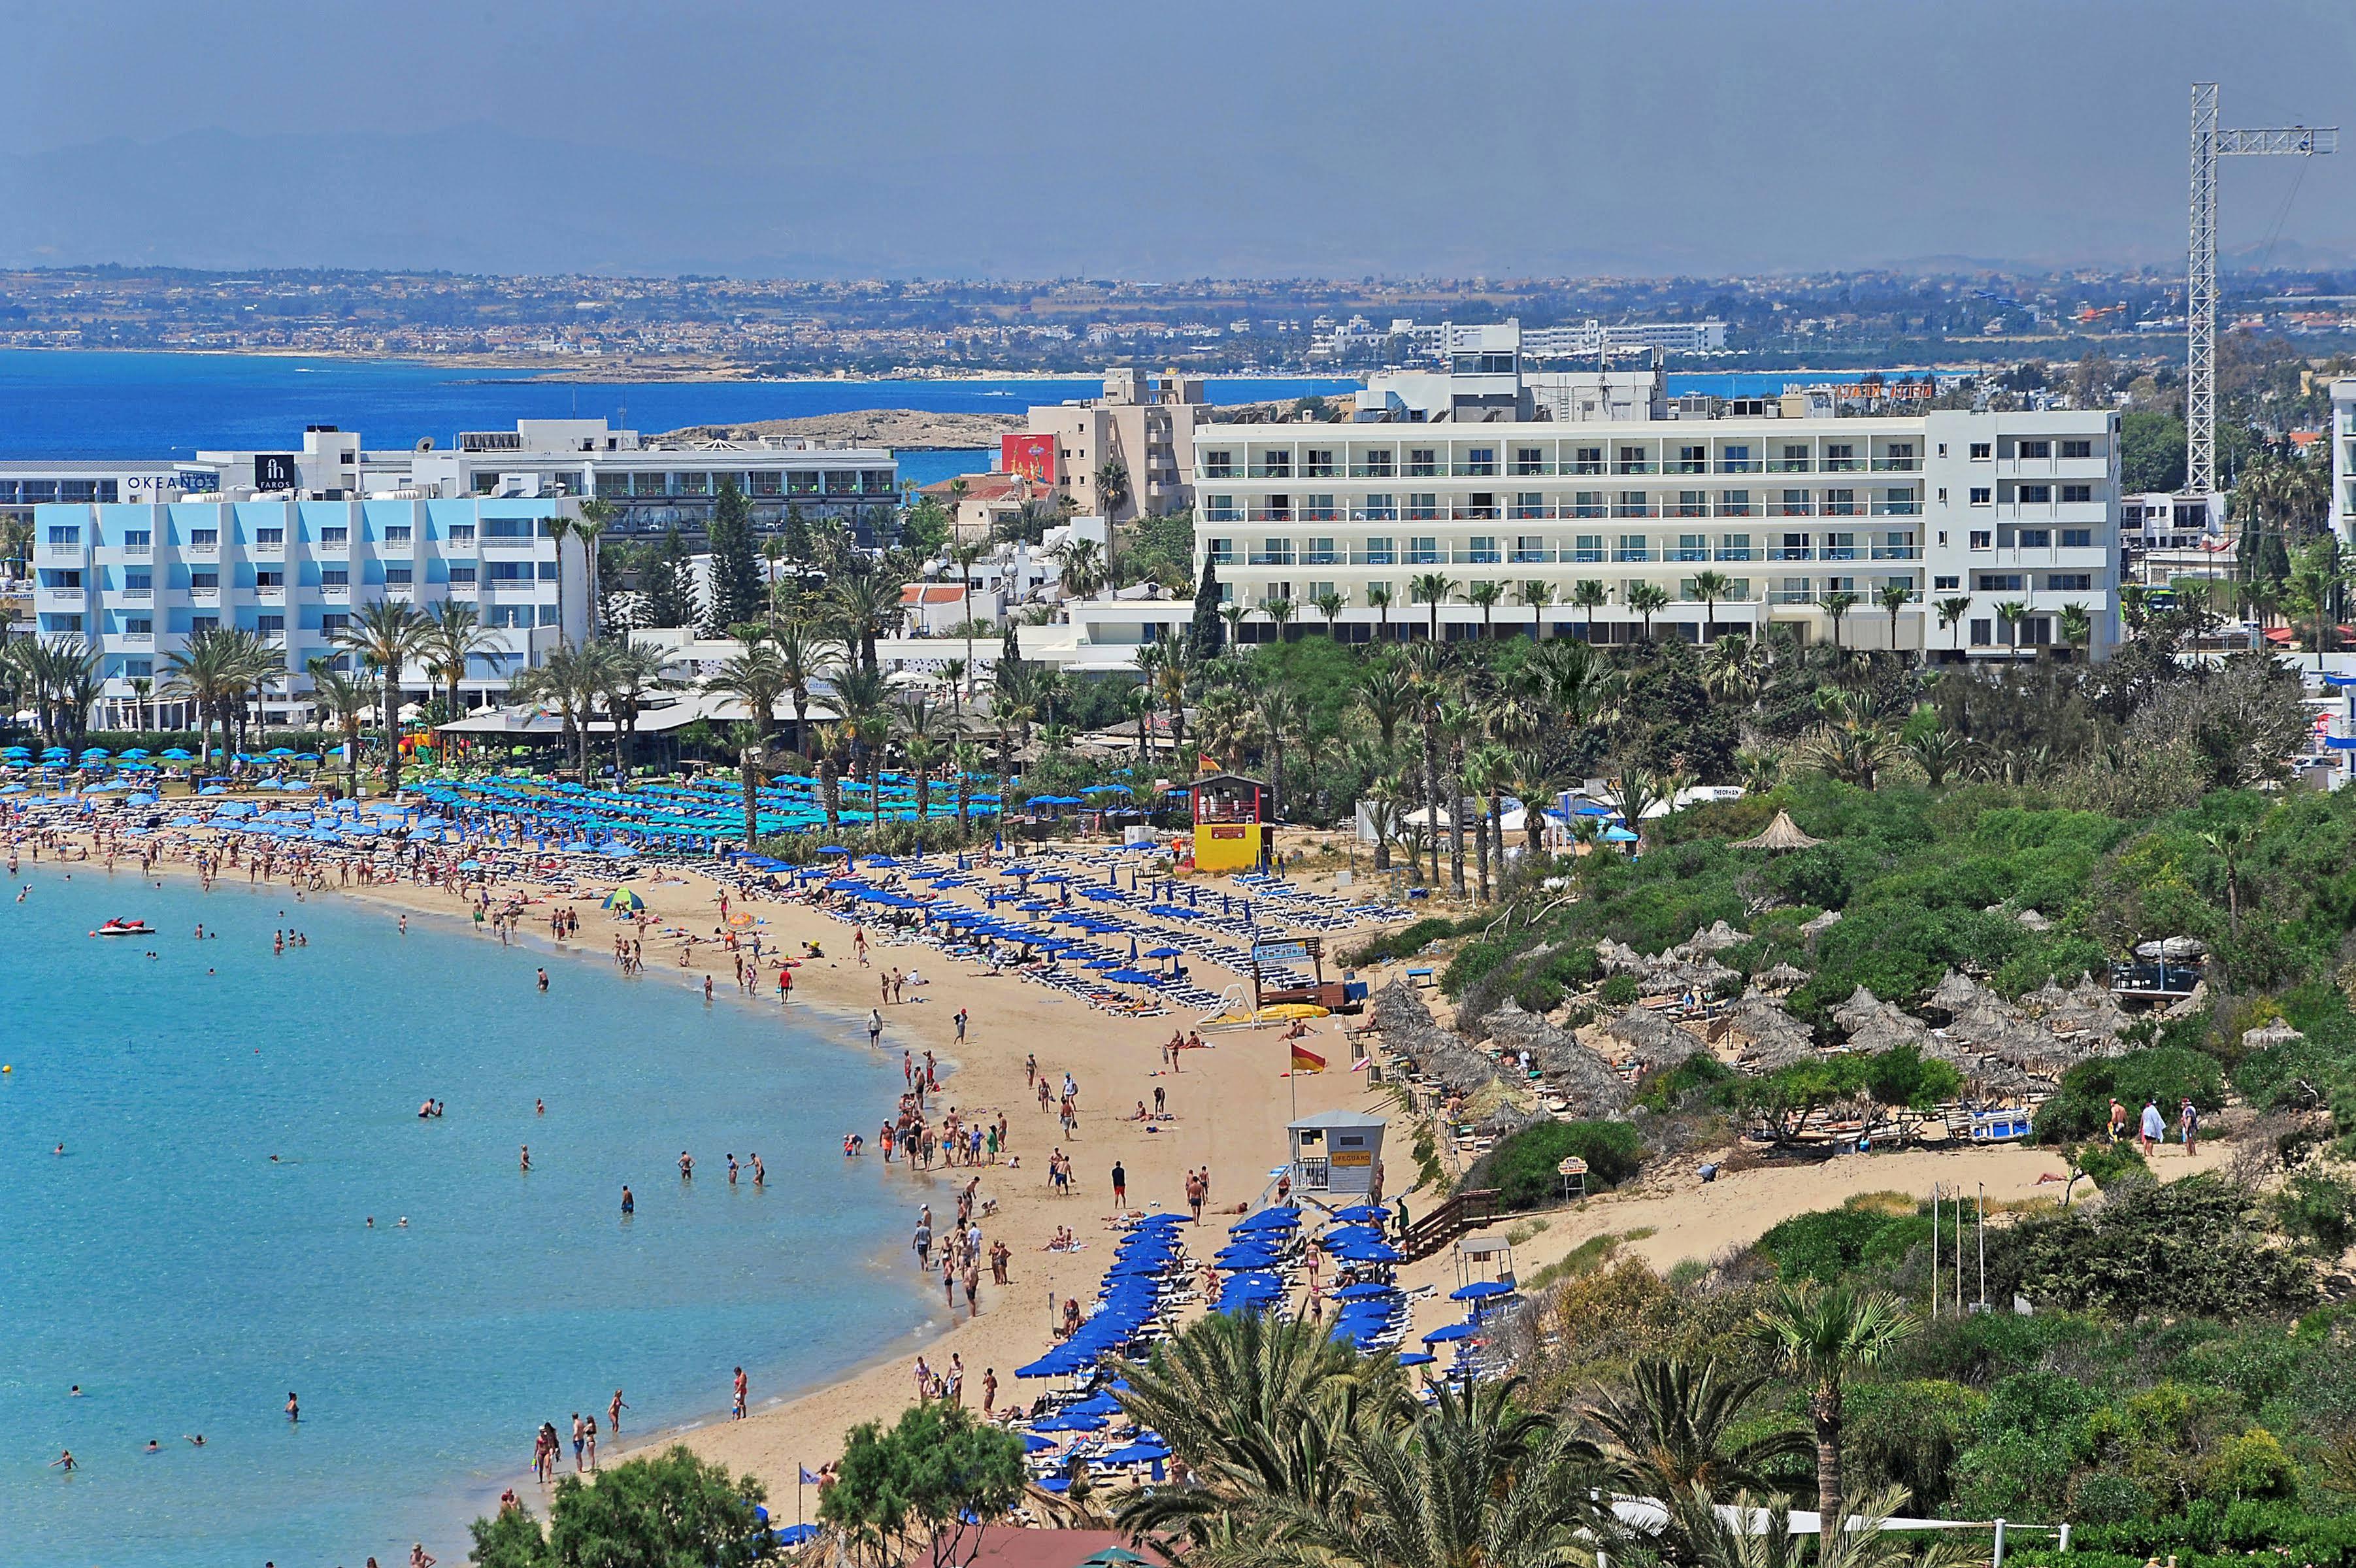 CYPR - LATO 2020: Nelia Beach***, 8 dni (15-22.08.2020 r.), all inclusive: 3698,00 PLN/os. dorosła